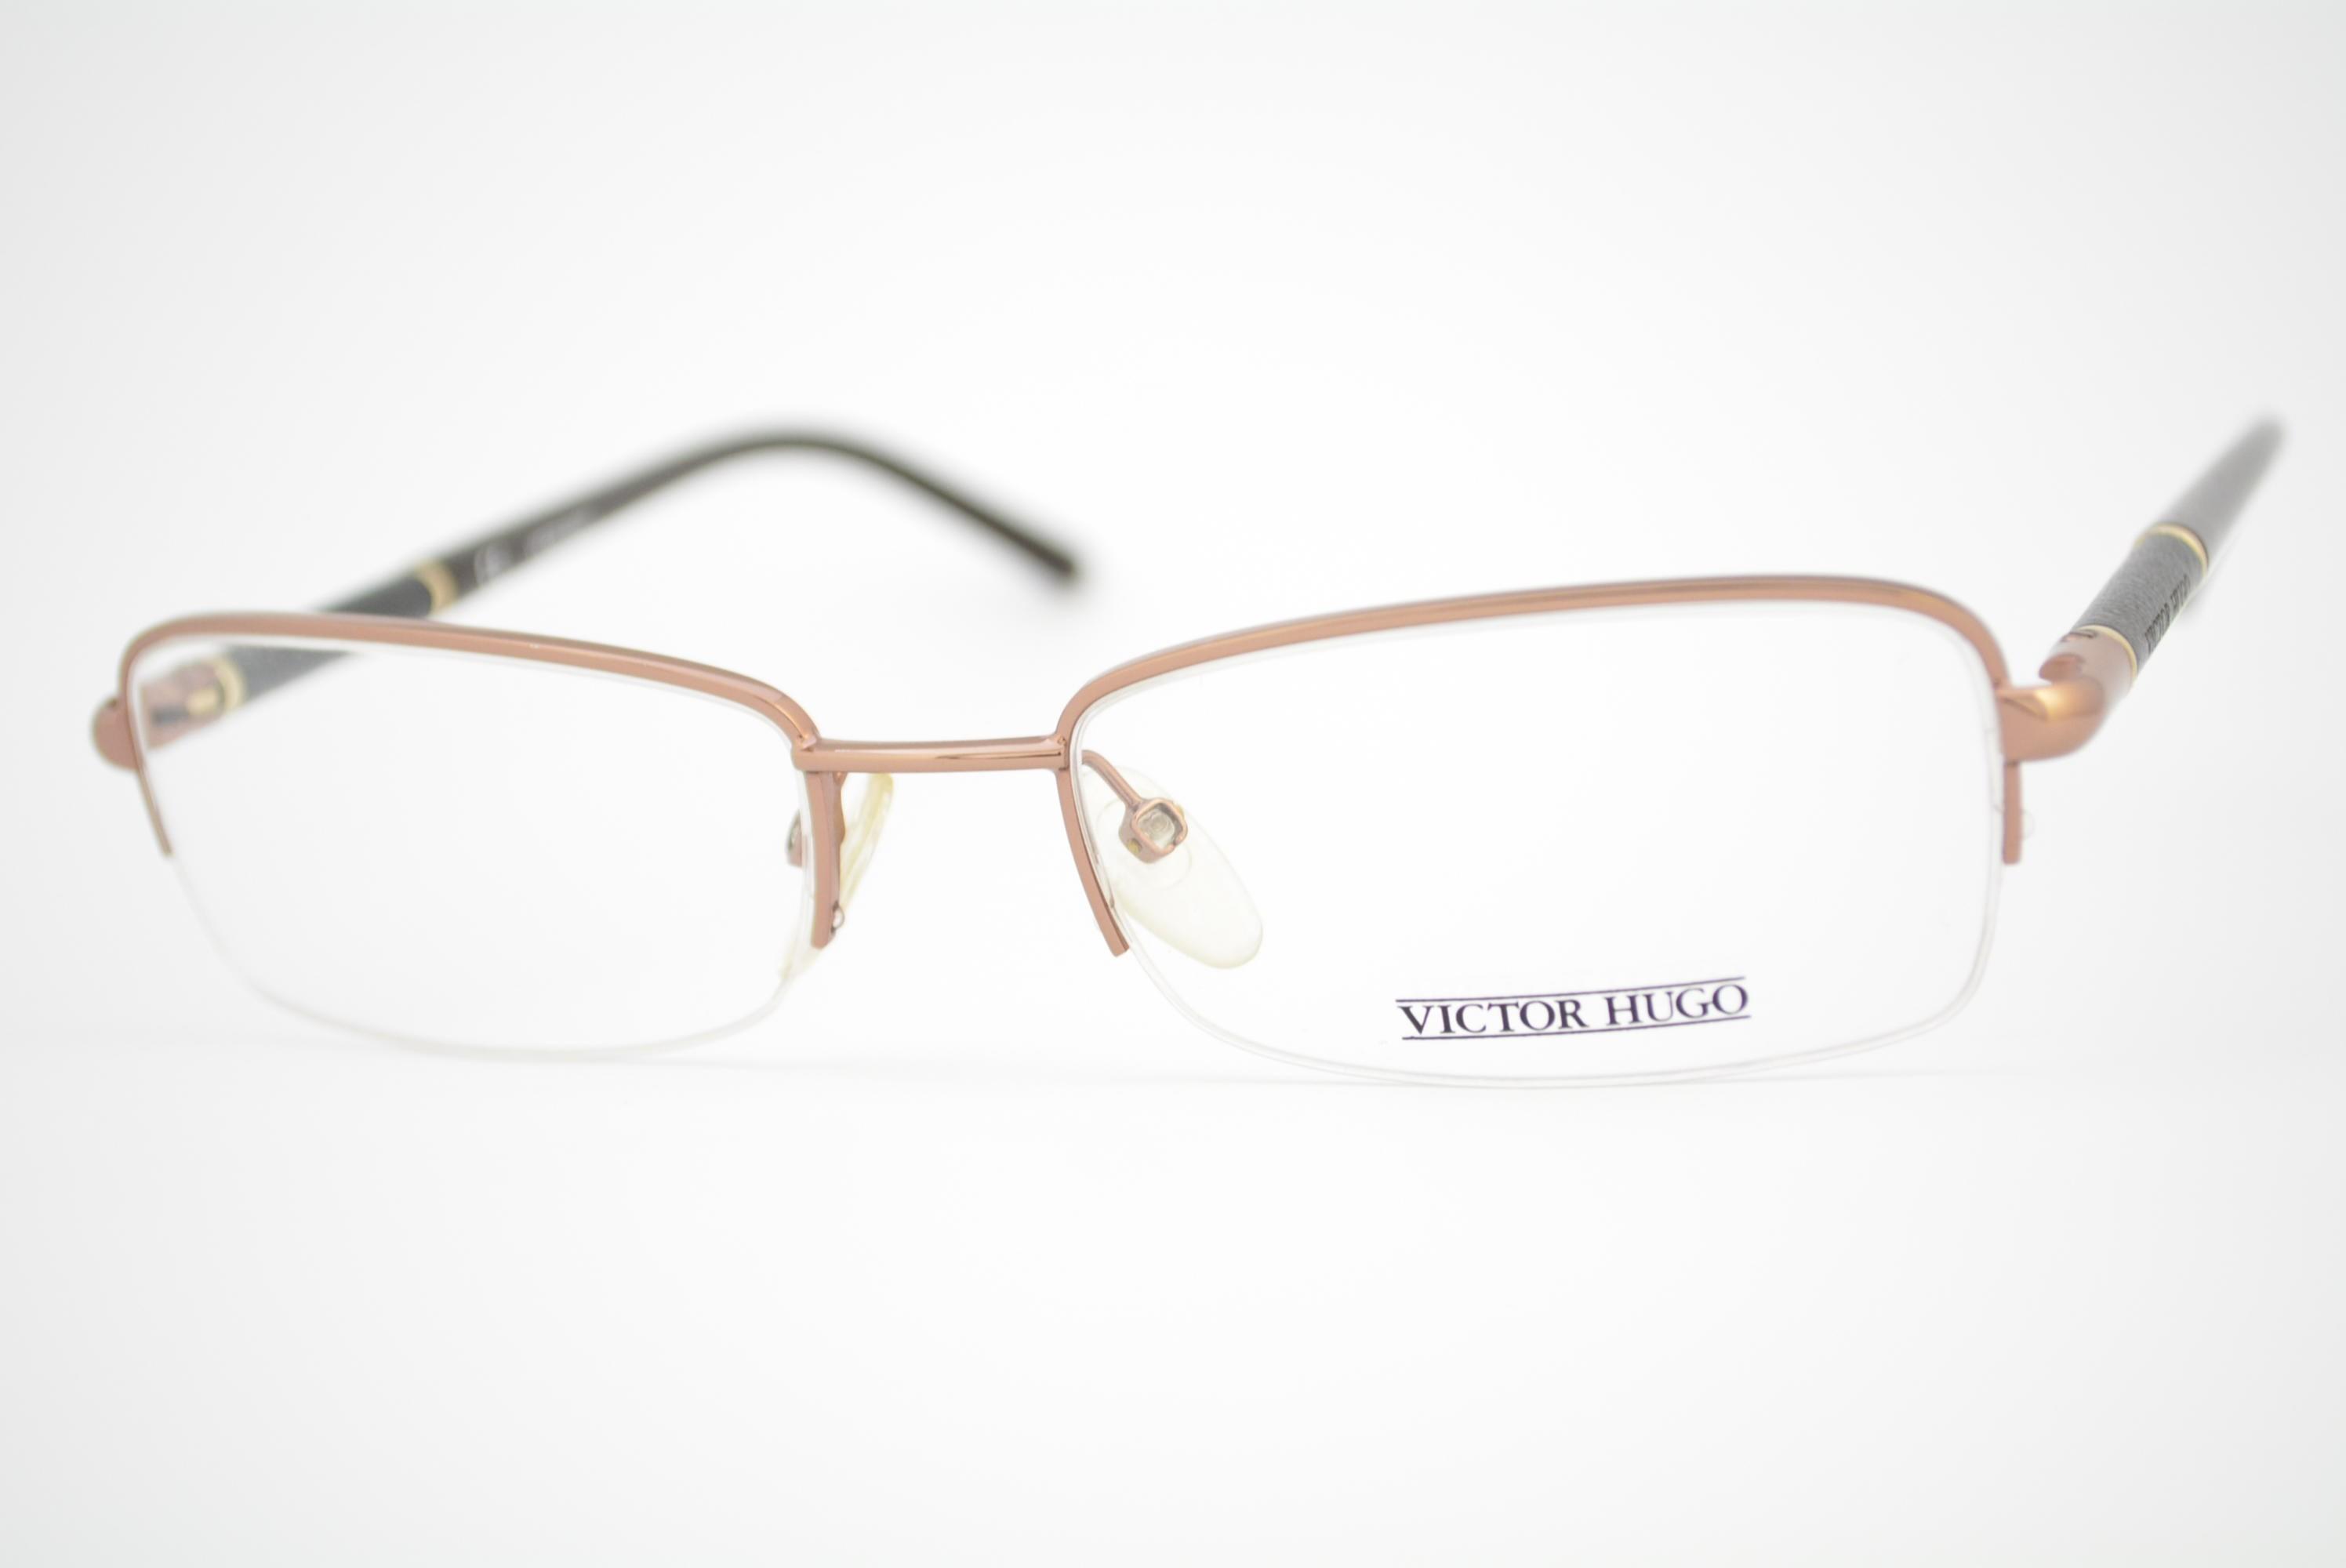 7a8ee0d3b0bc5 armação de óculos Victor Hugo mod vh1160 col.OSCL Ótica Cardoso